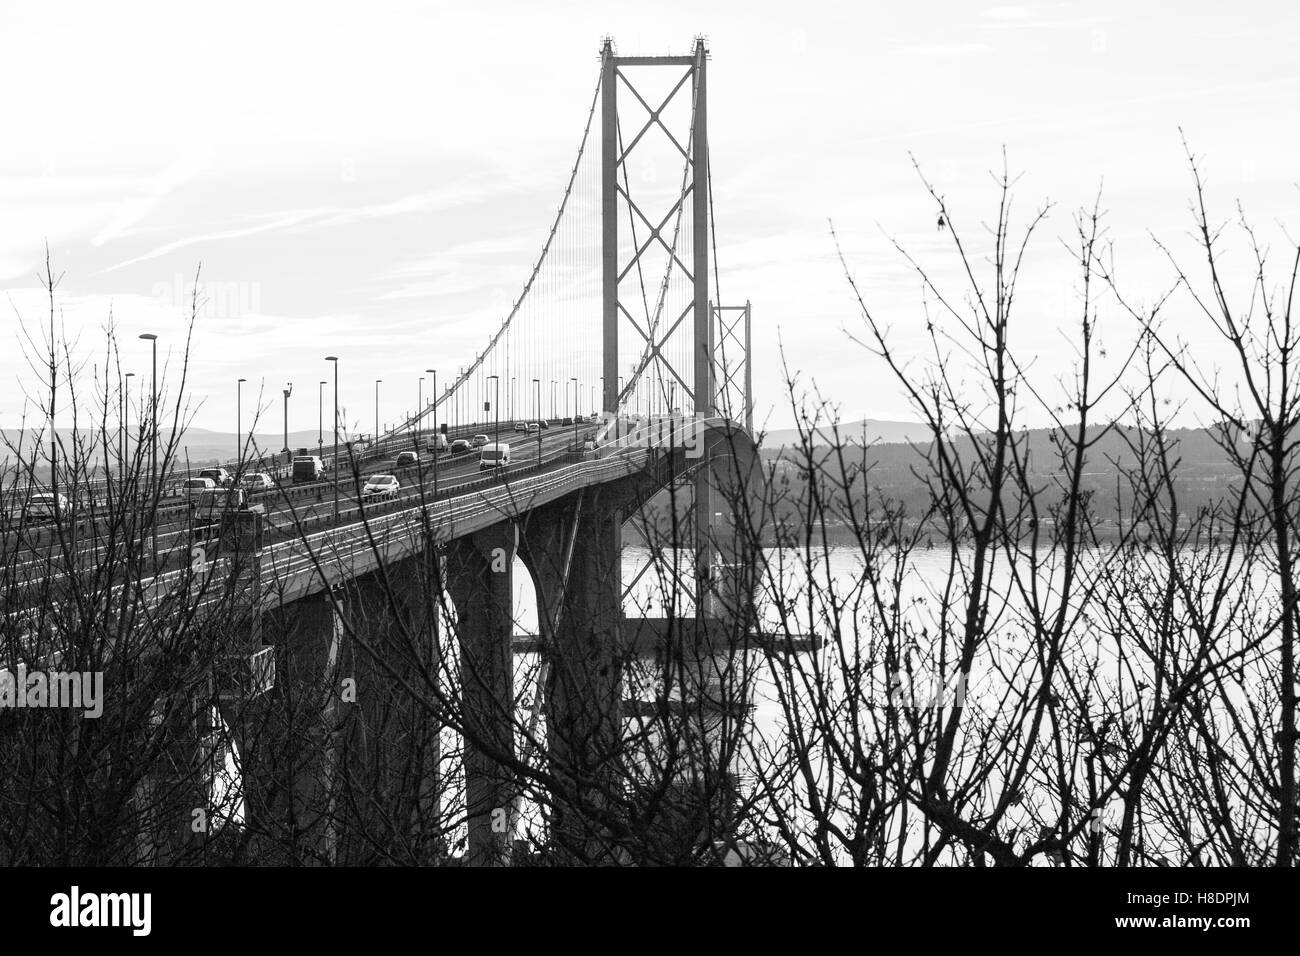 Queensferry, Edimburgo, Escocia, 11th, Noviembre, 2016. Puentes de Forth. El actual puente de Forth Road sigue teniendo el tráfico mientras el segundo puente de carretera está por terminarse. Phil Hutchinson/Alamy Live News Foto de stock